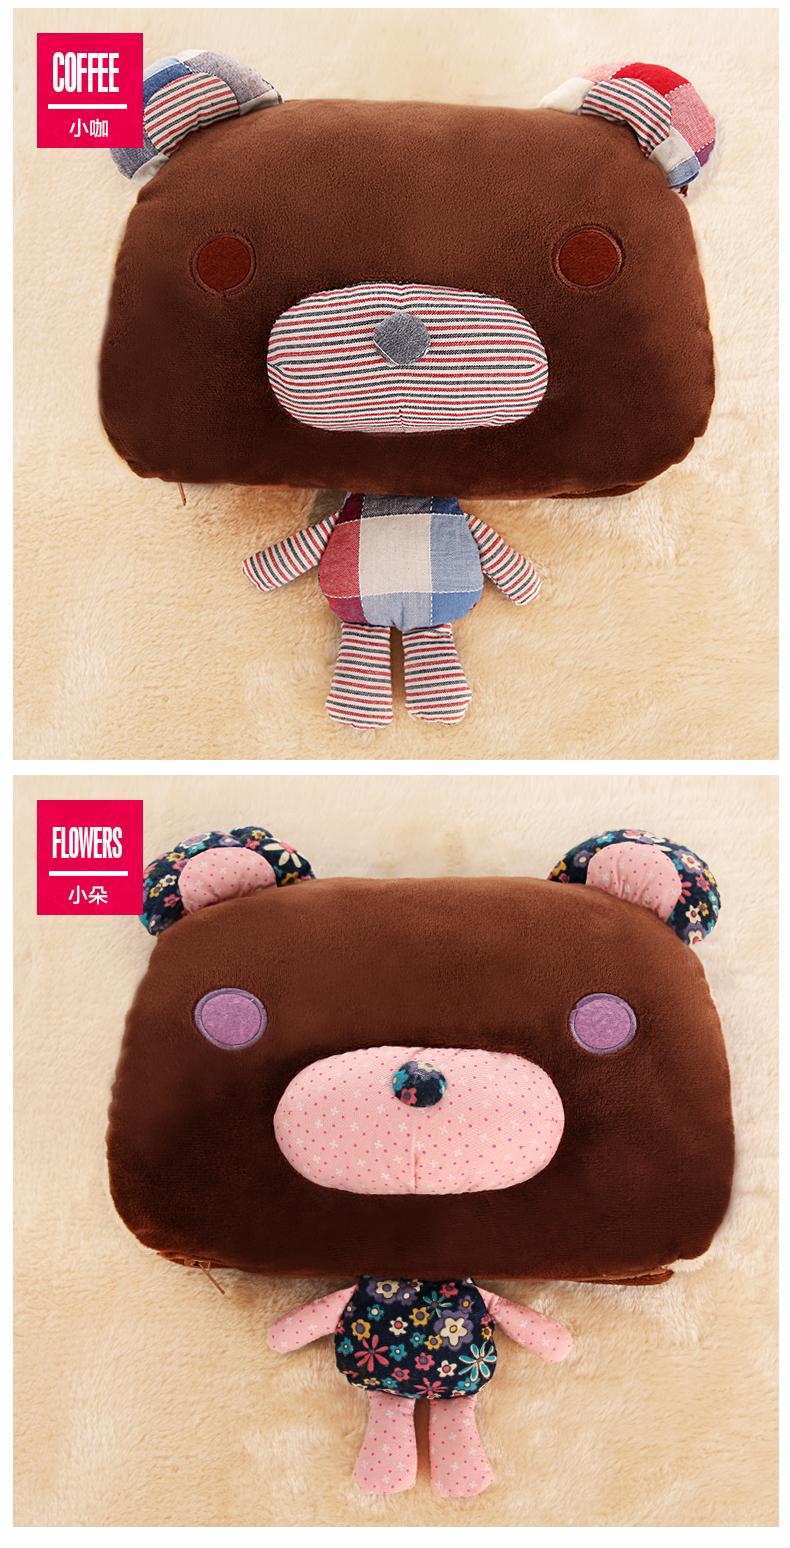 可爱小熊充电暖宝宝